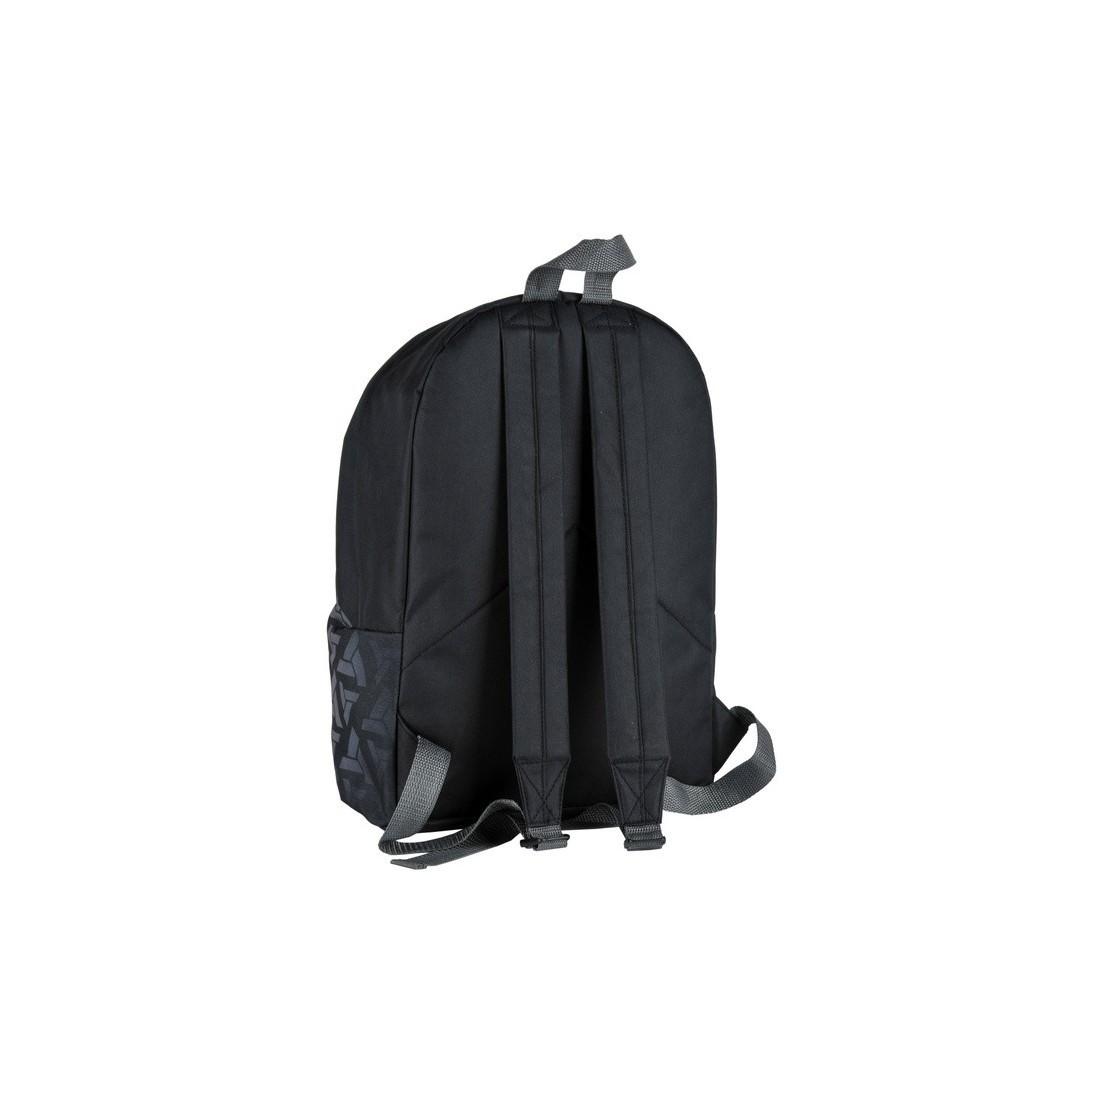 Plecak szkolny Assassin's - plecak-tornister.pl